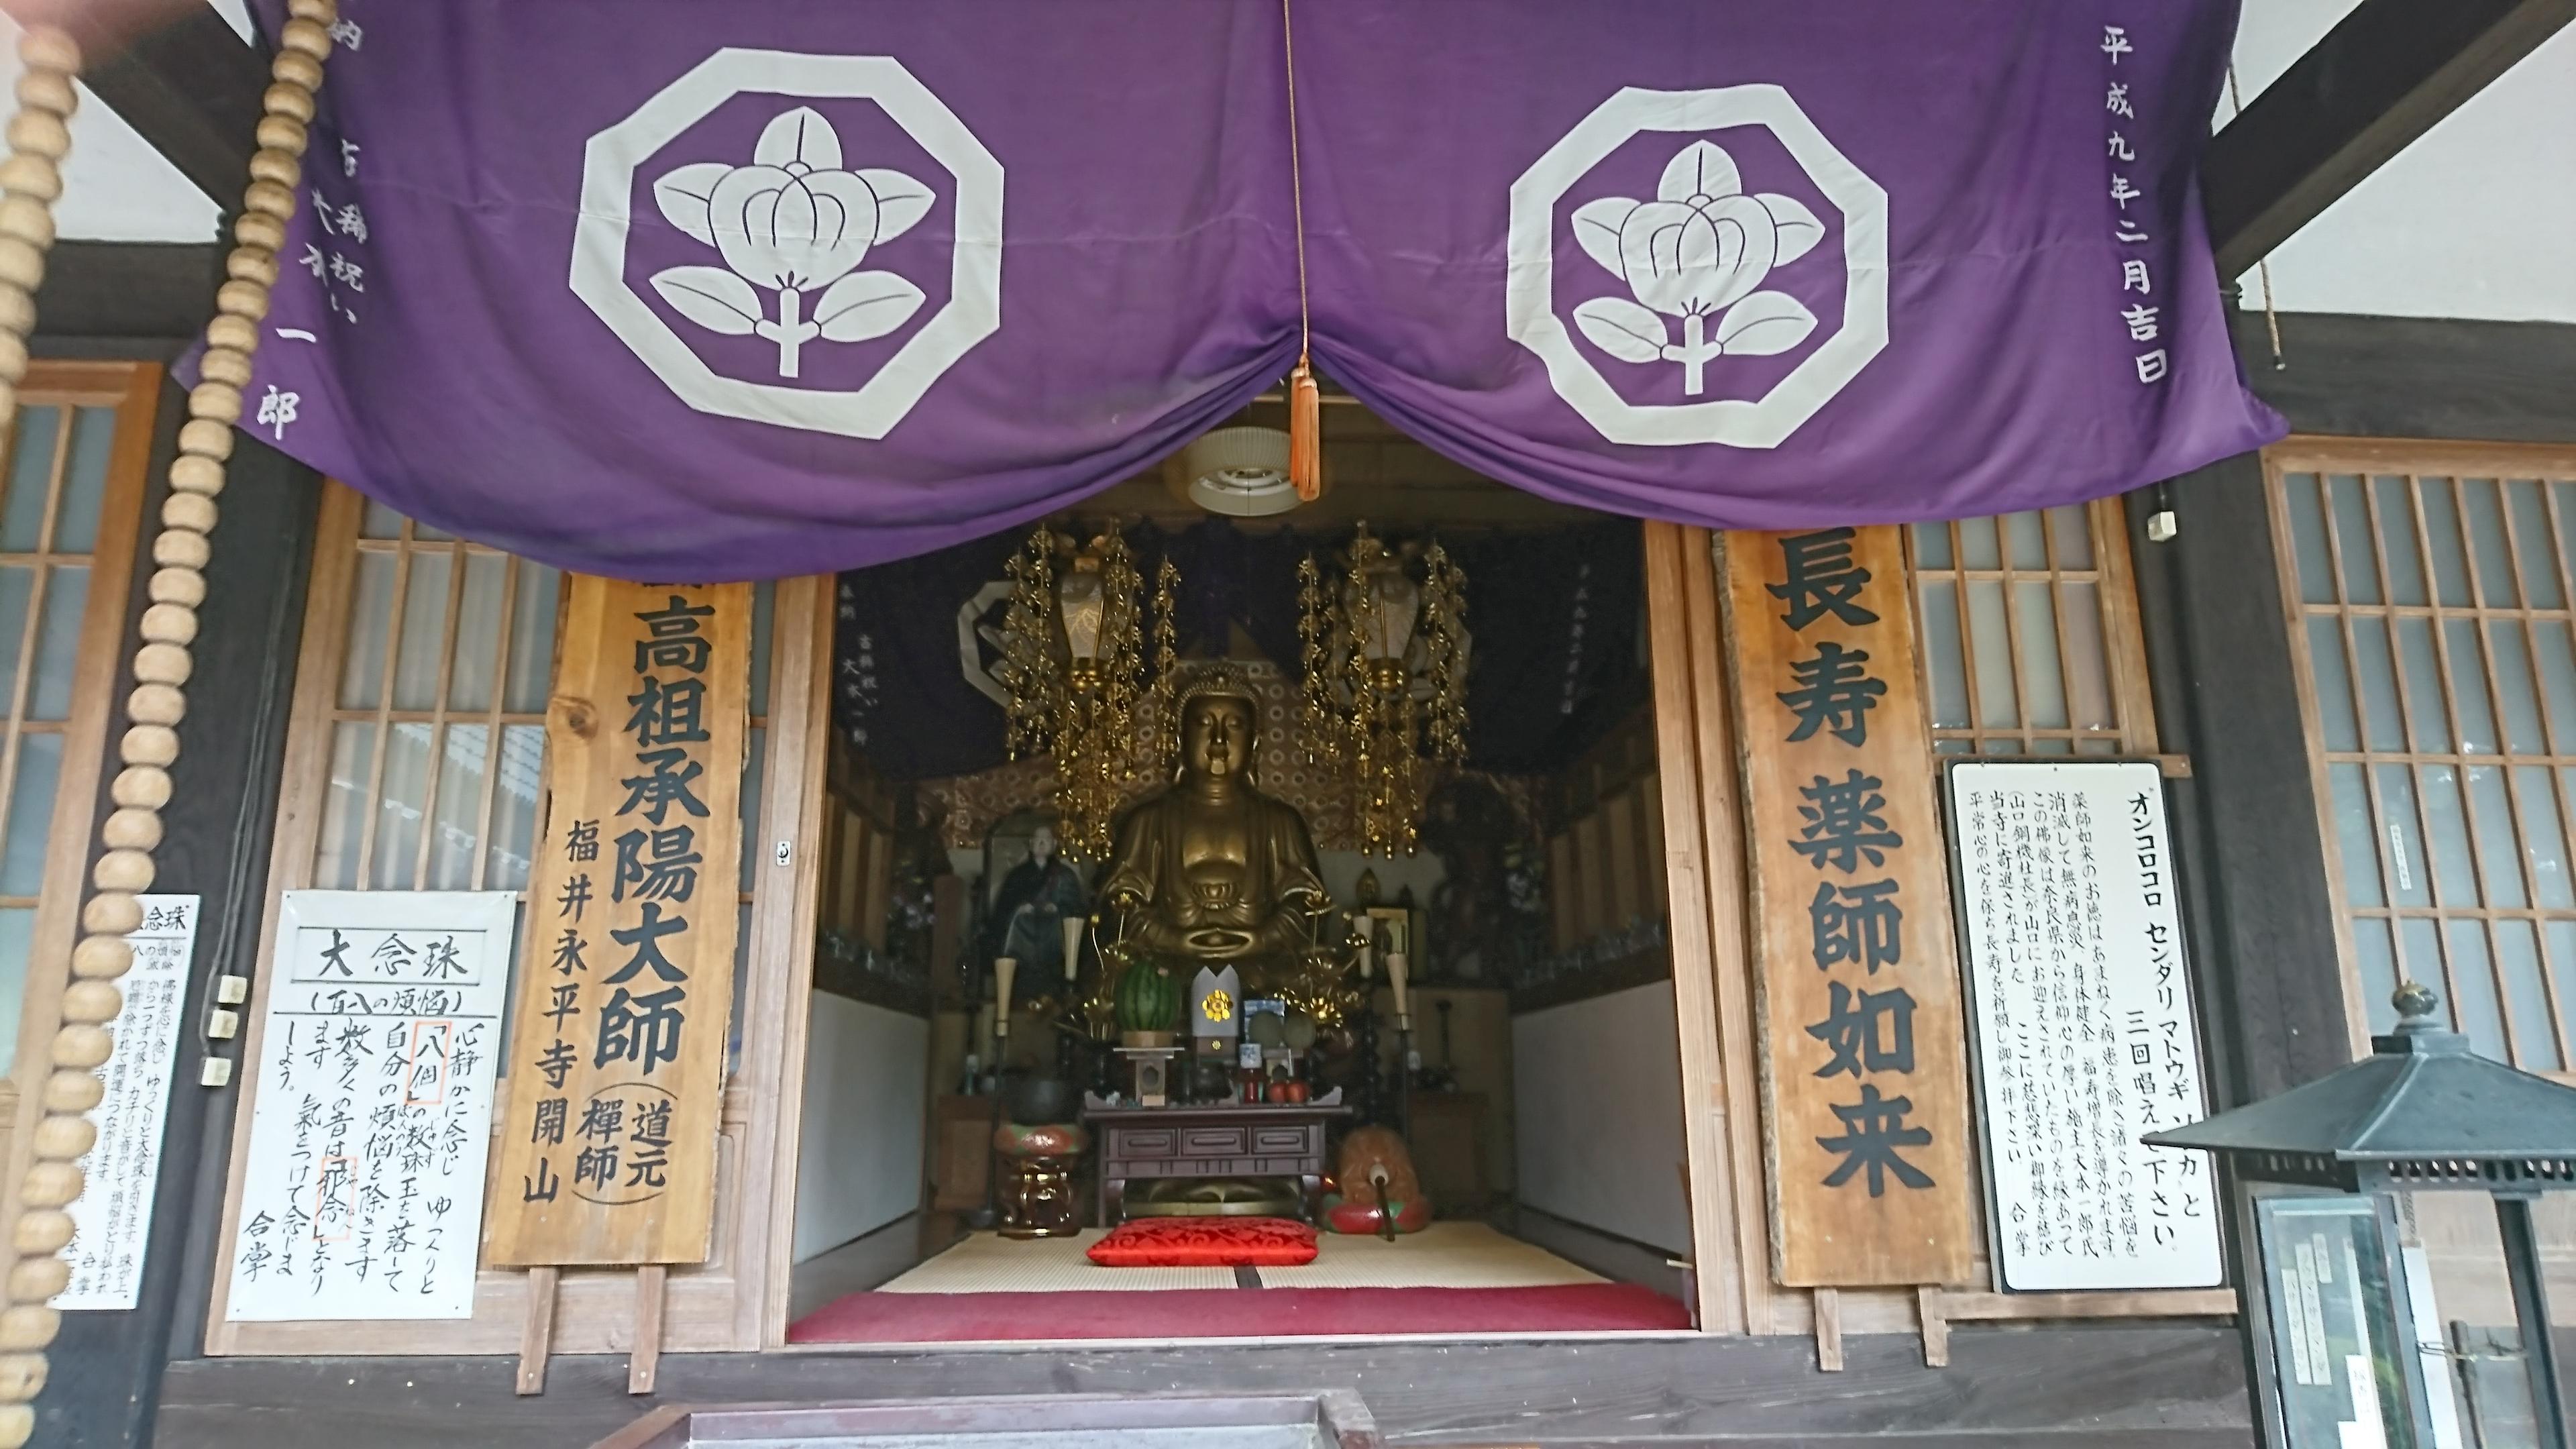 瑠璃光寺でご利益が長寿の薬師如来さま